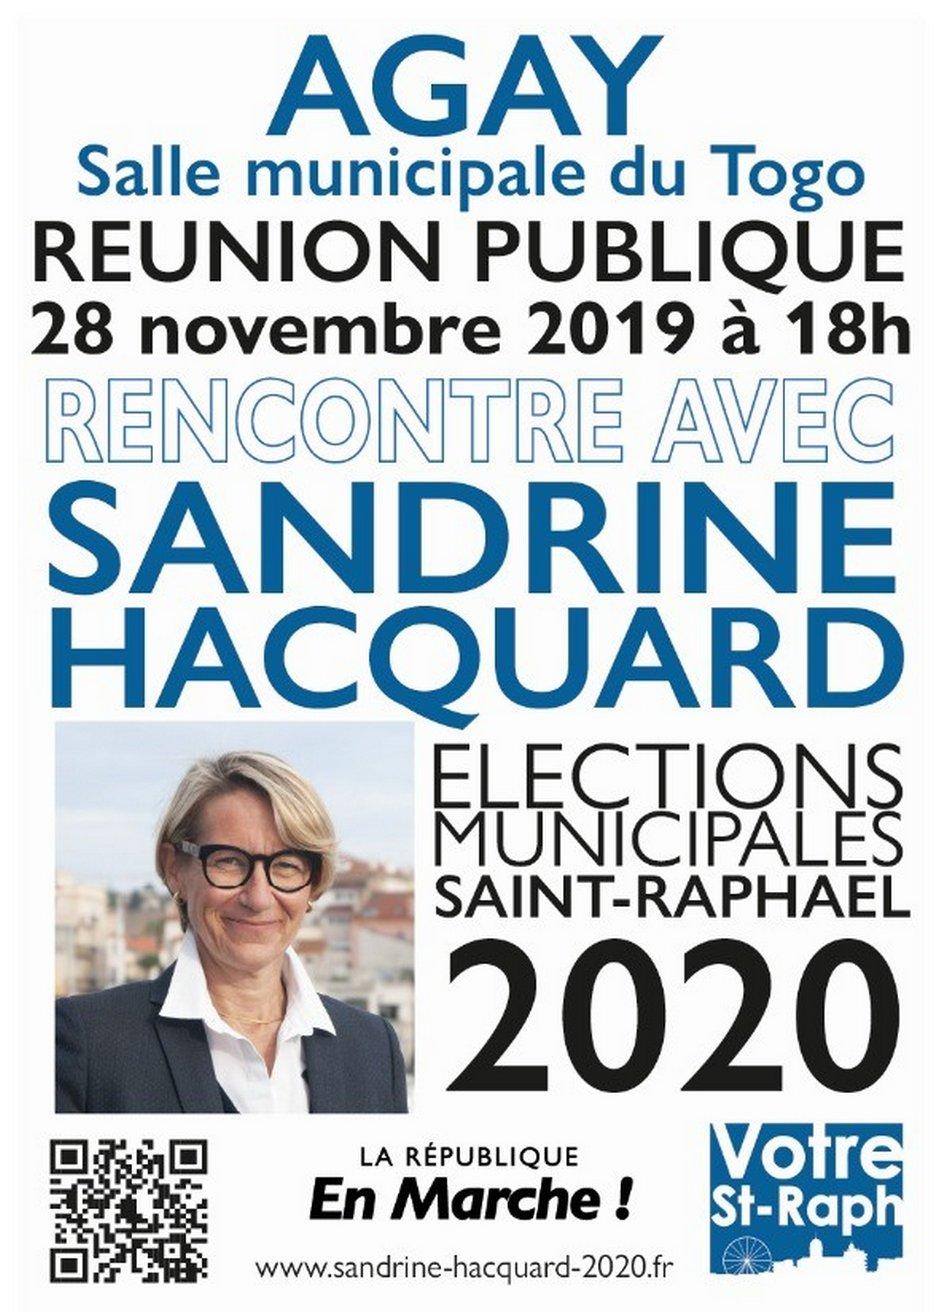 Sandrine HACQUARD, candidate à l'élection municipale de mars 2020